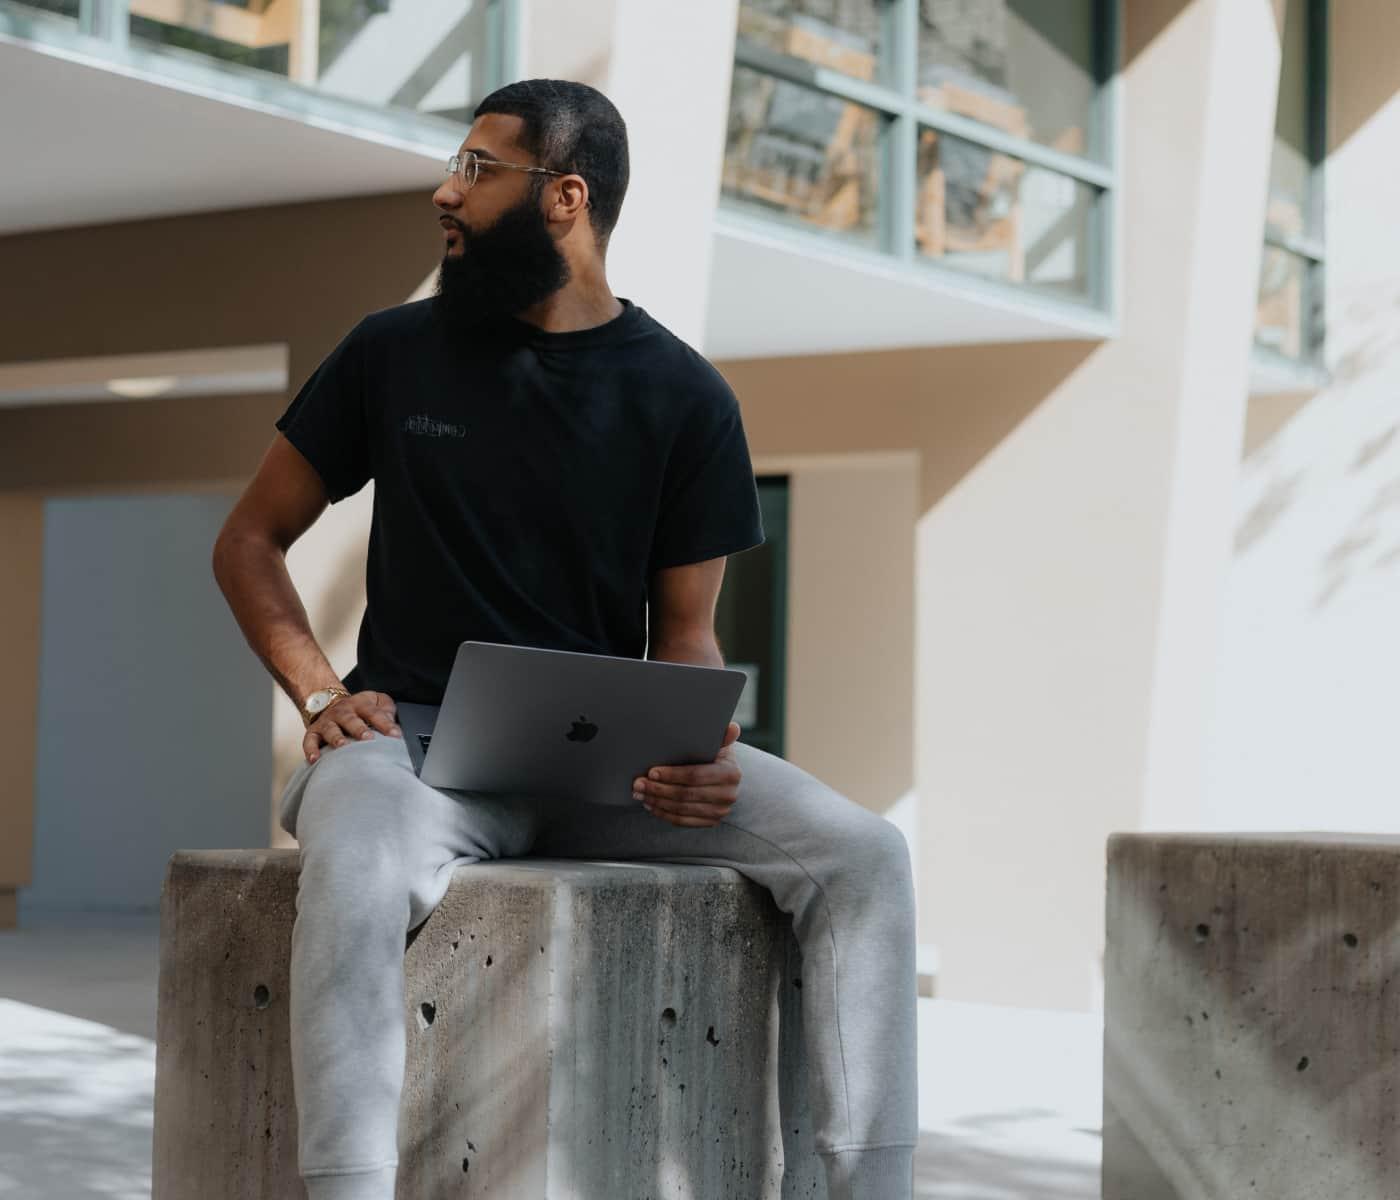 Immagine di un uomo con la barba che lavora sul suo portatile